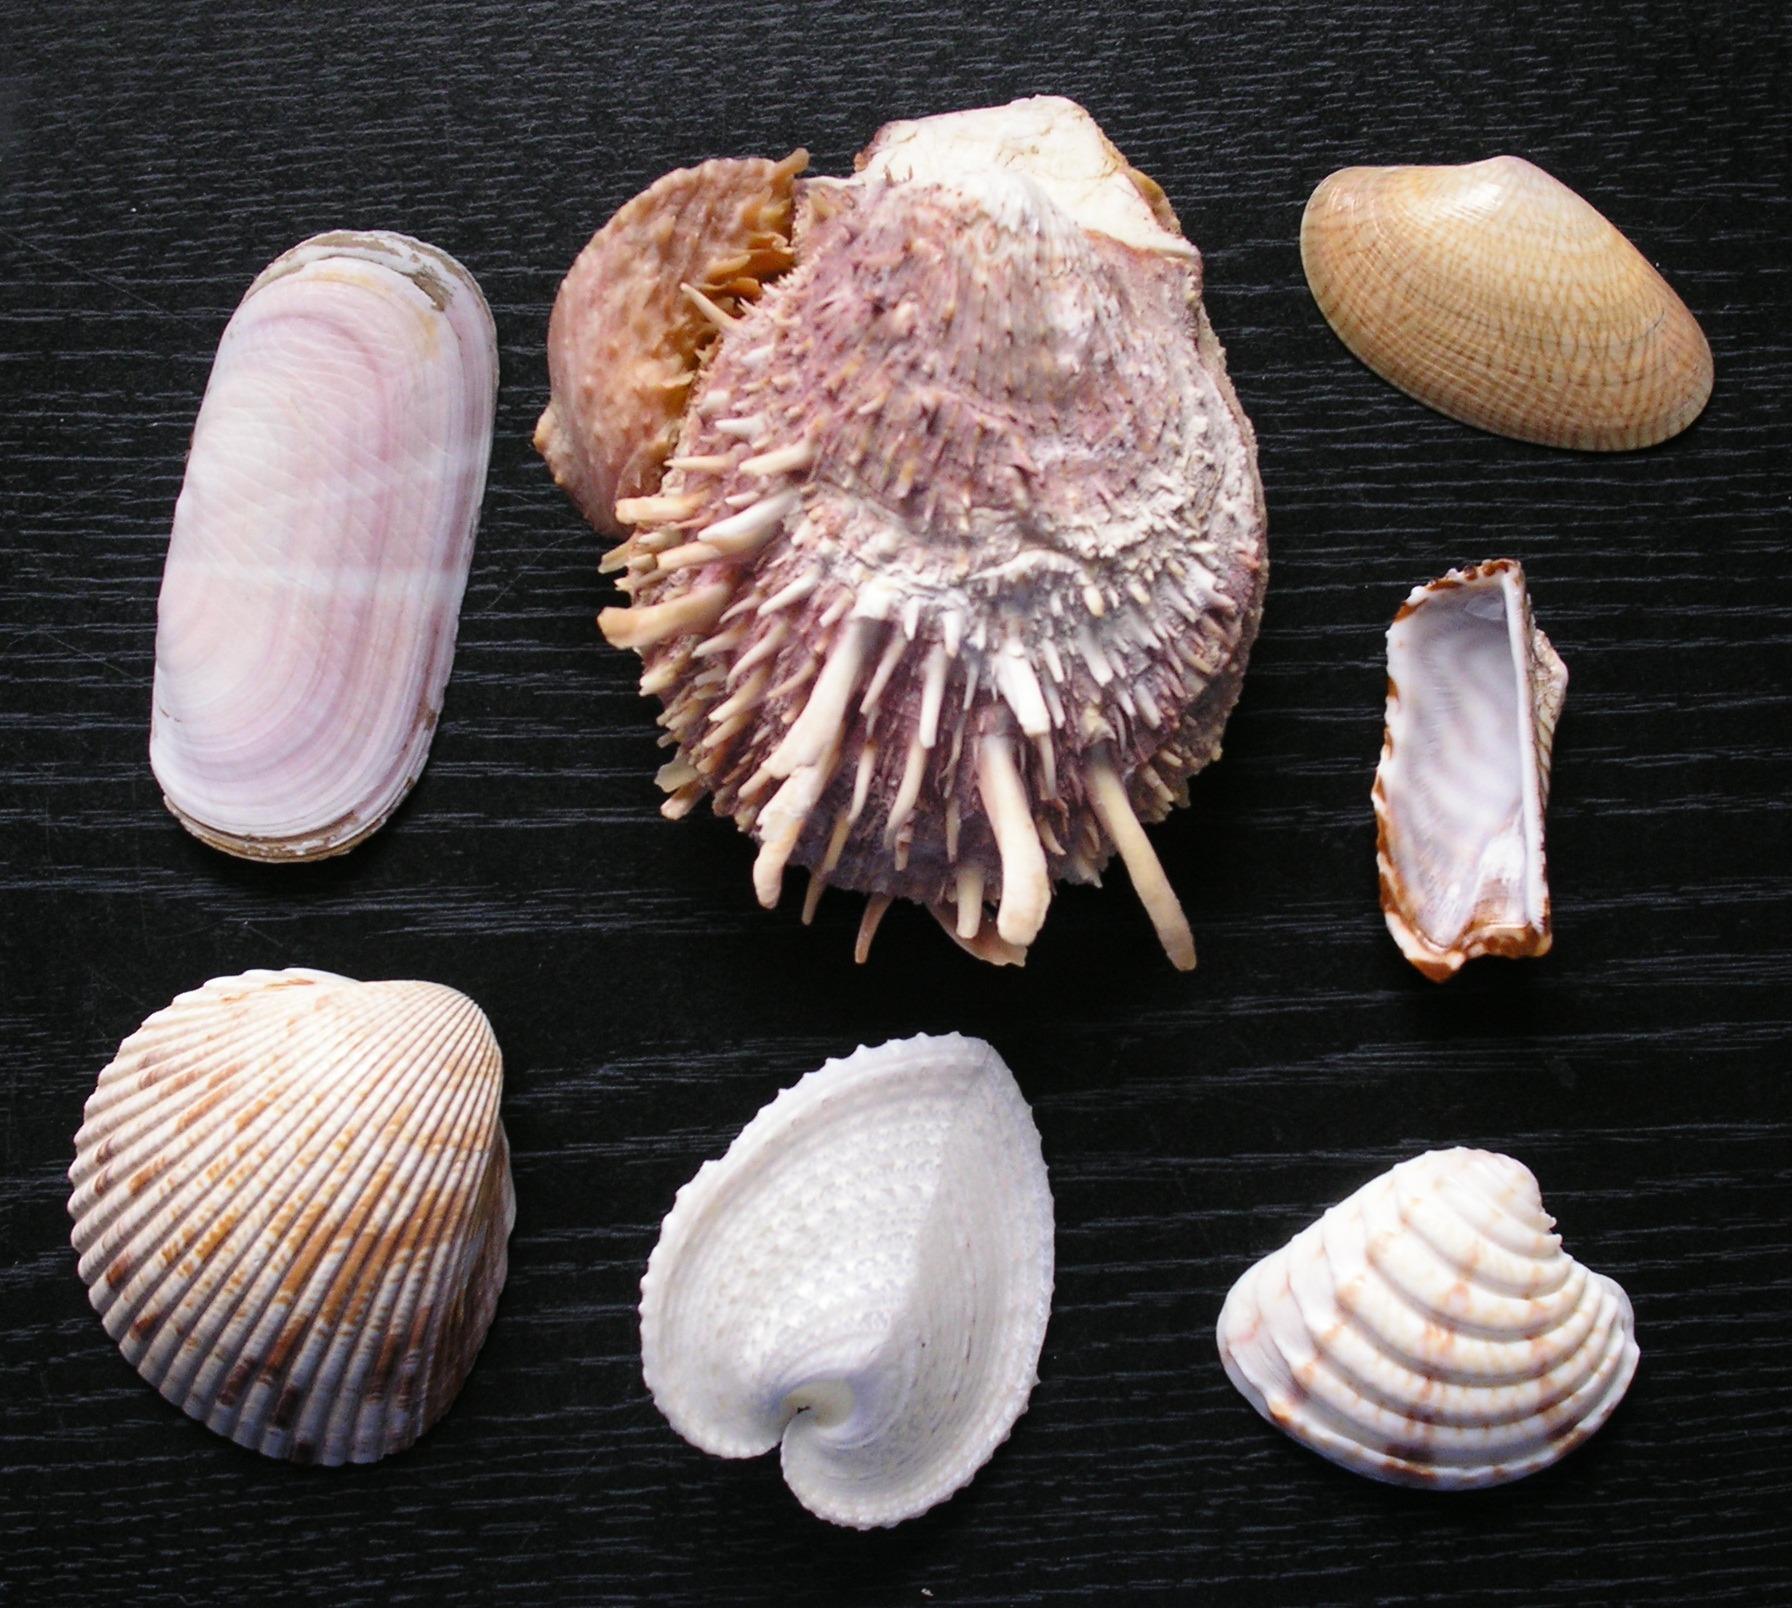 Исследование морского клея моллюсков поможет в модернизации хирургии и стоматологии